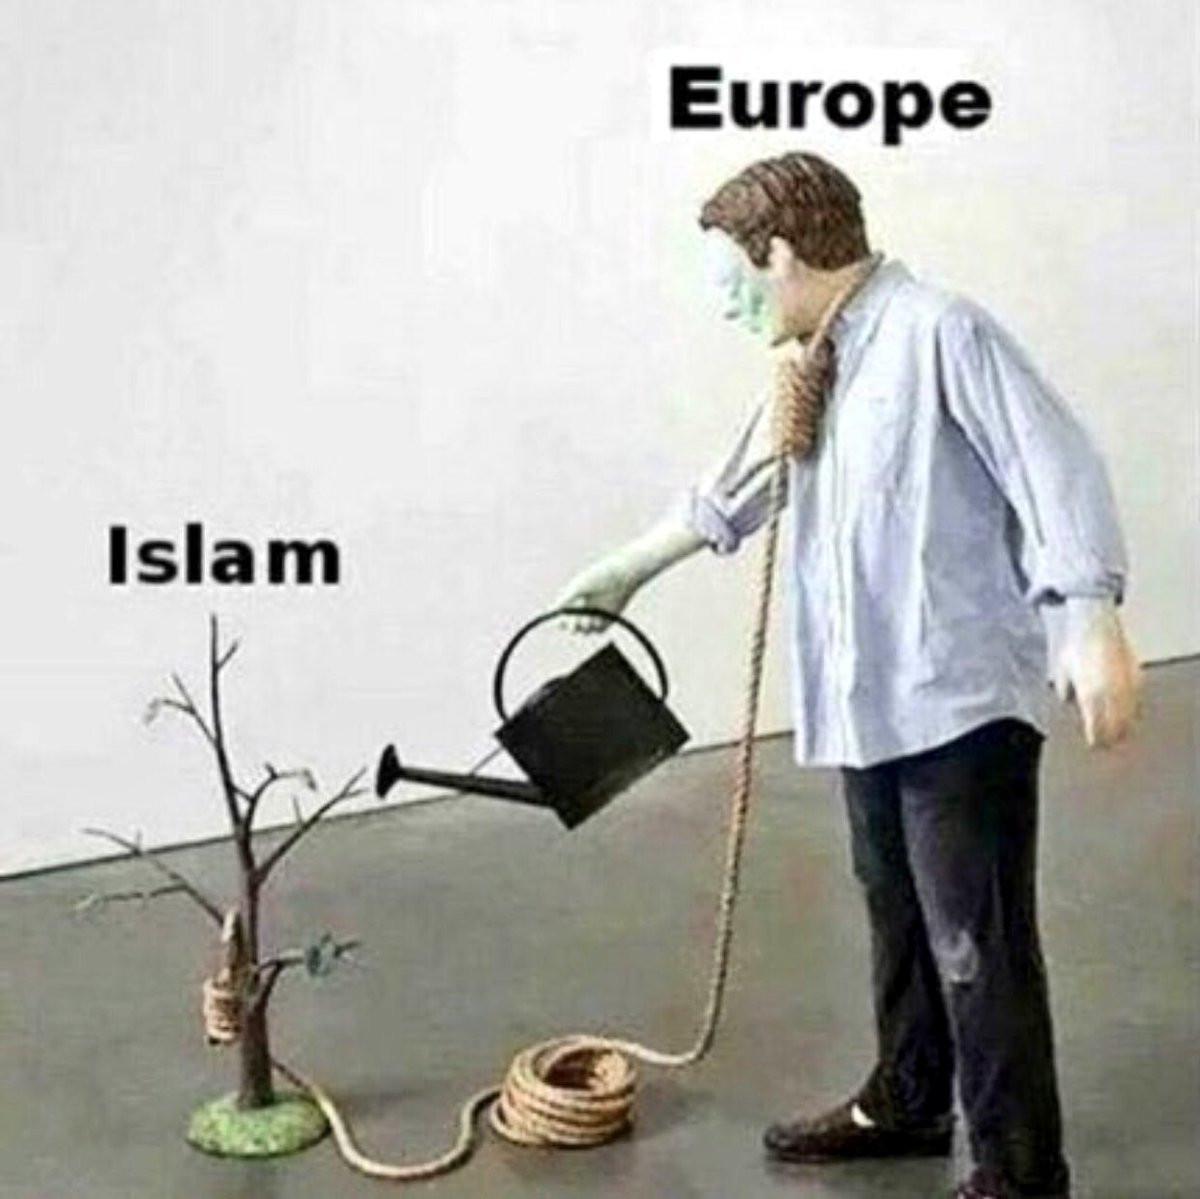 europe_and_islam.jpg